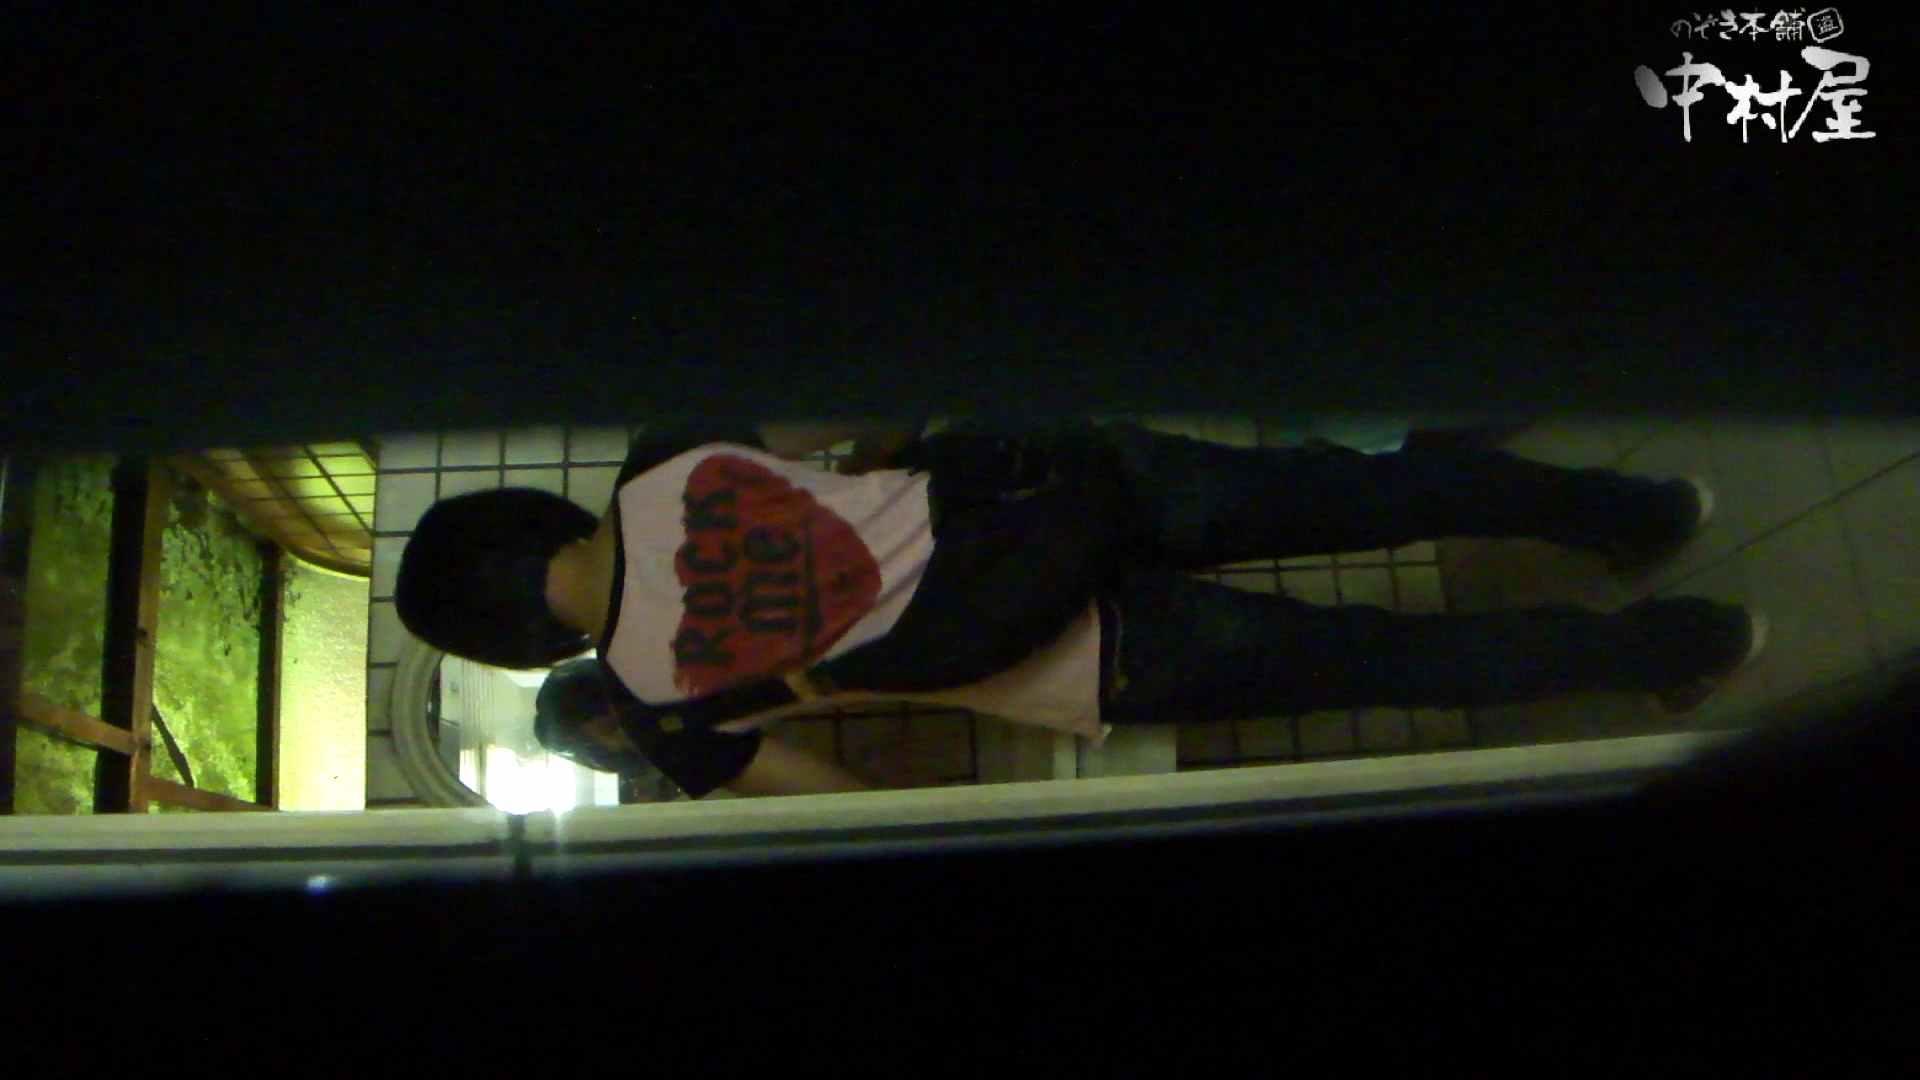 【美人が集まるファッションショッピングセンター洗面所盗SATU】ギャルのツルピカ潜入盗satu!Vol.09 洗面所編 アダルト動画キャプチャ 88PIX 23